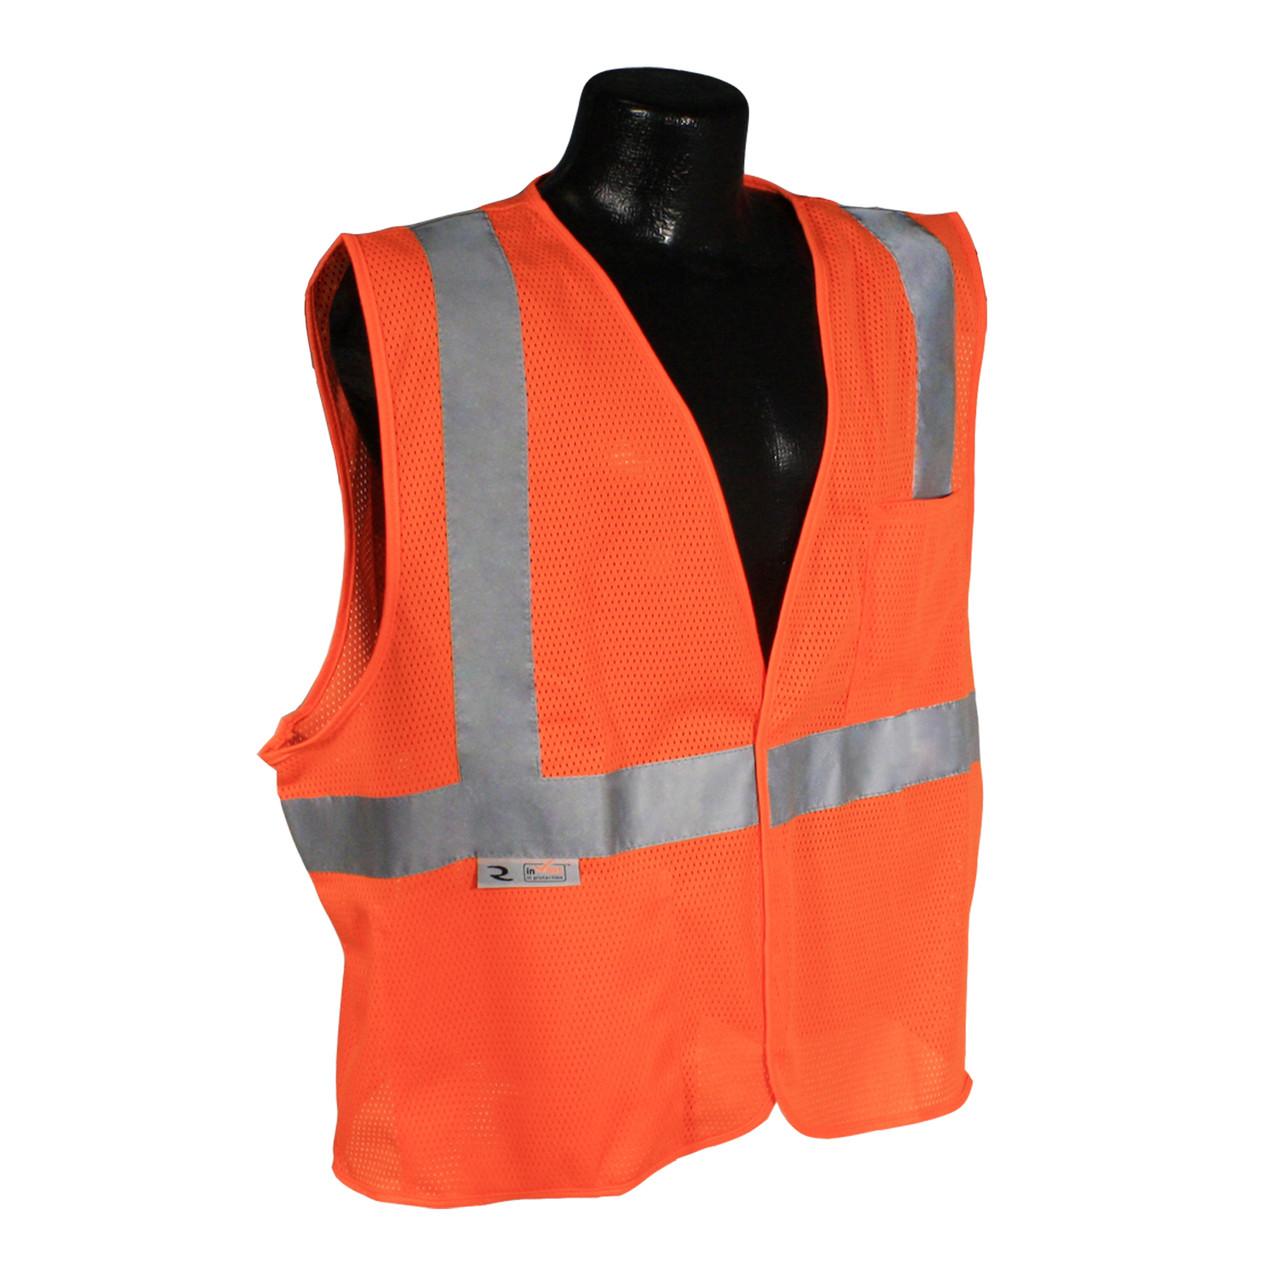 Radians SV2 Safety Orange Ansi Safety Vest Class 2